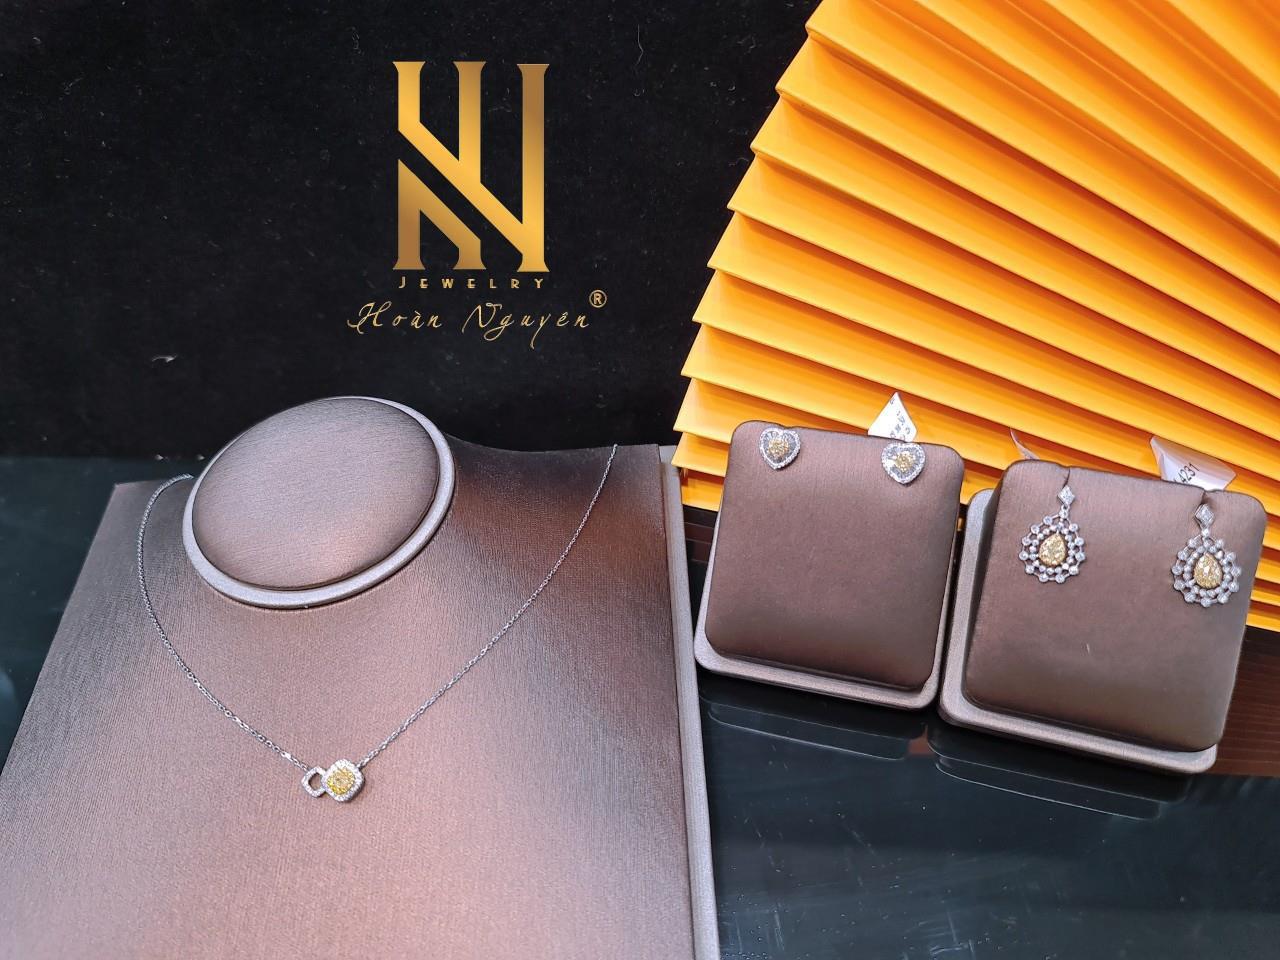 Hoàn Nguyên Jewelry - Khẳng định phong cách cùng trang sức cao cấp - Ảnh 1.